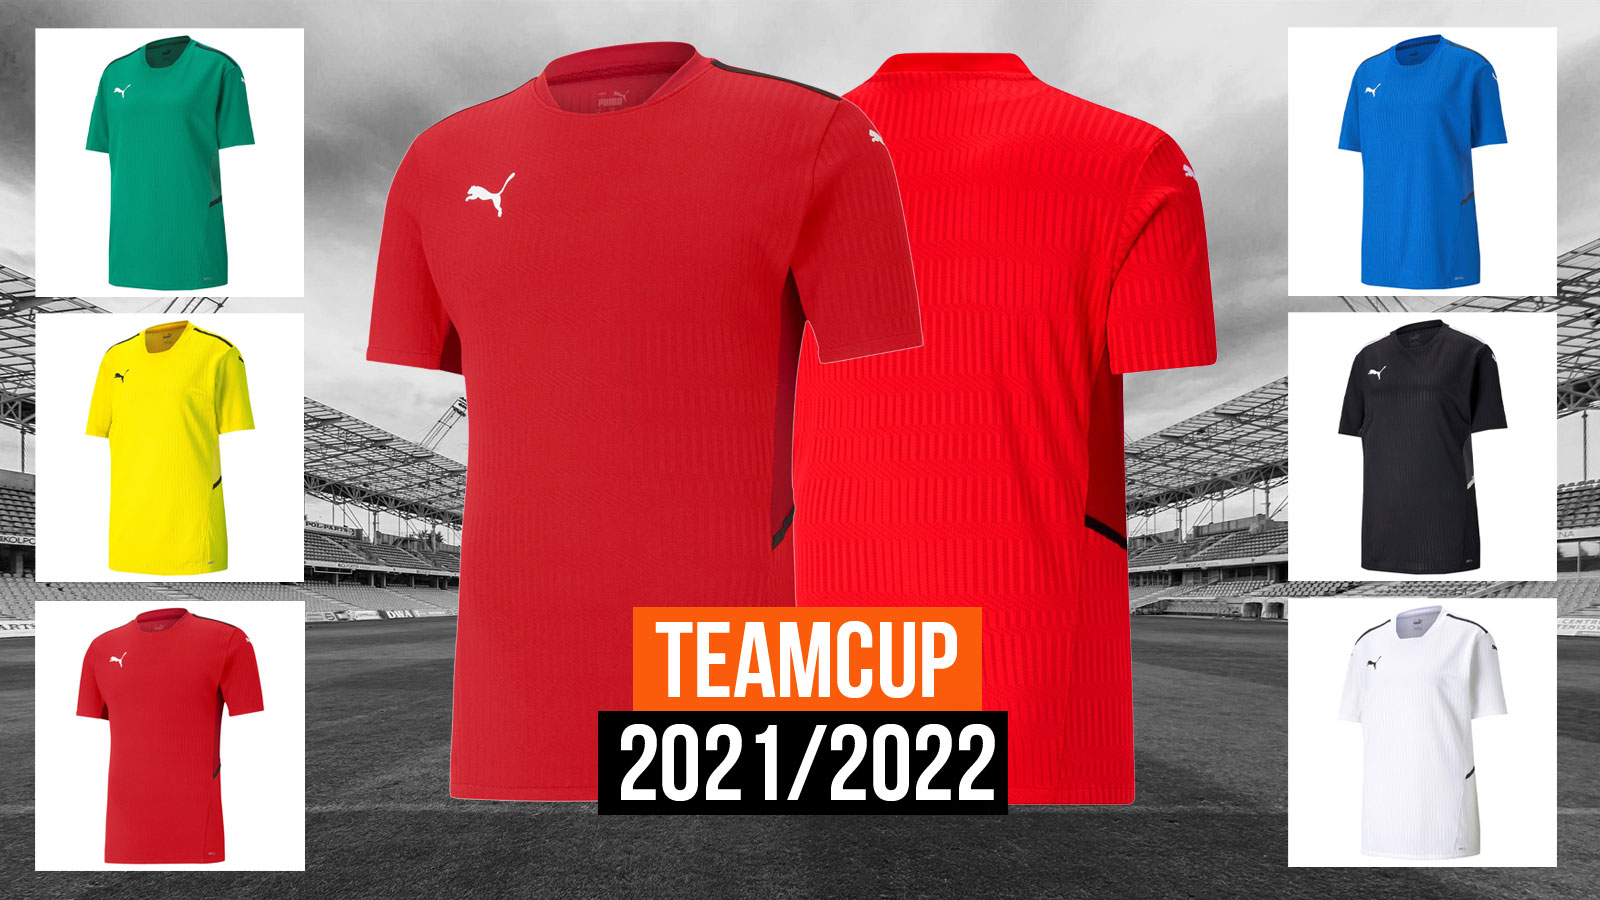 Das Puma teamCup Jersey als Top Trikot für 2021/2022